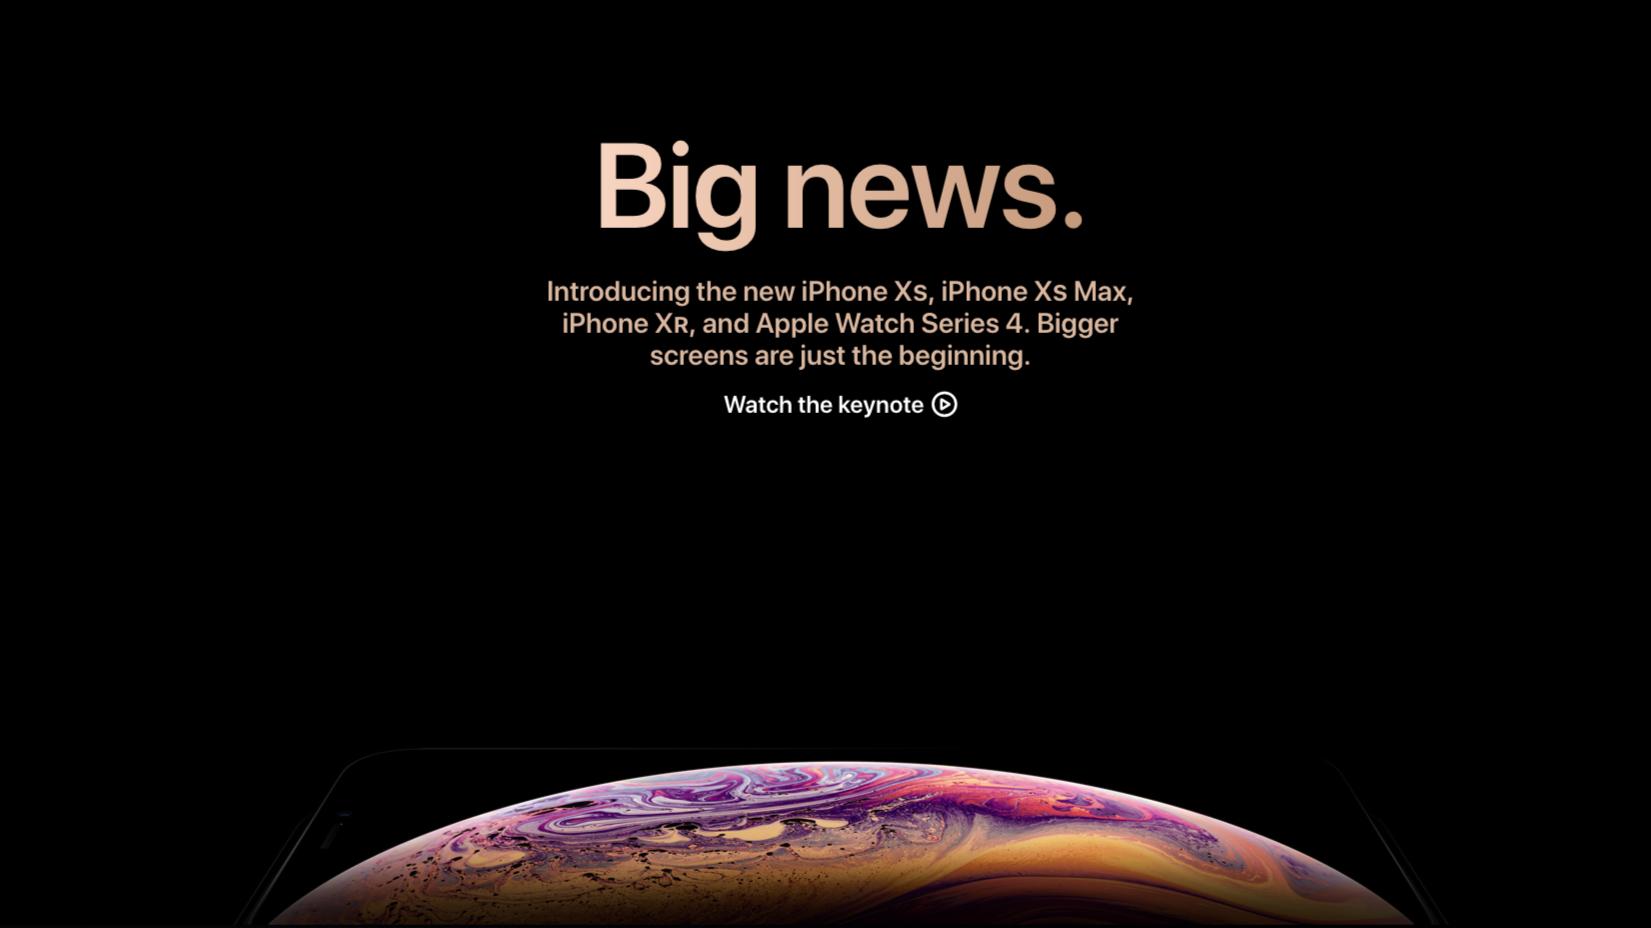 以一个极其刁钻的角度,洞悉 iPhone Xs 最大的看点